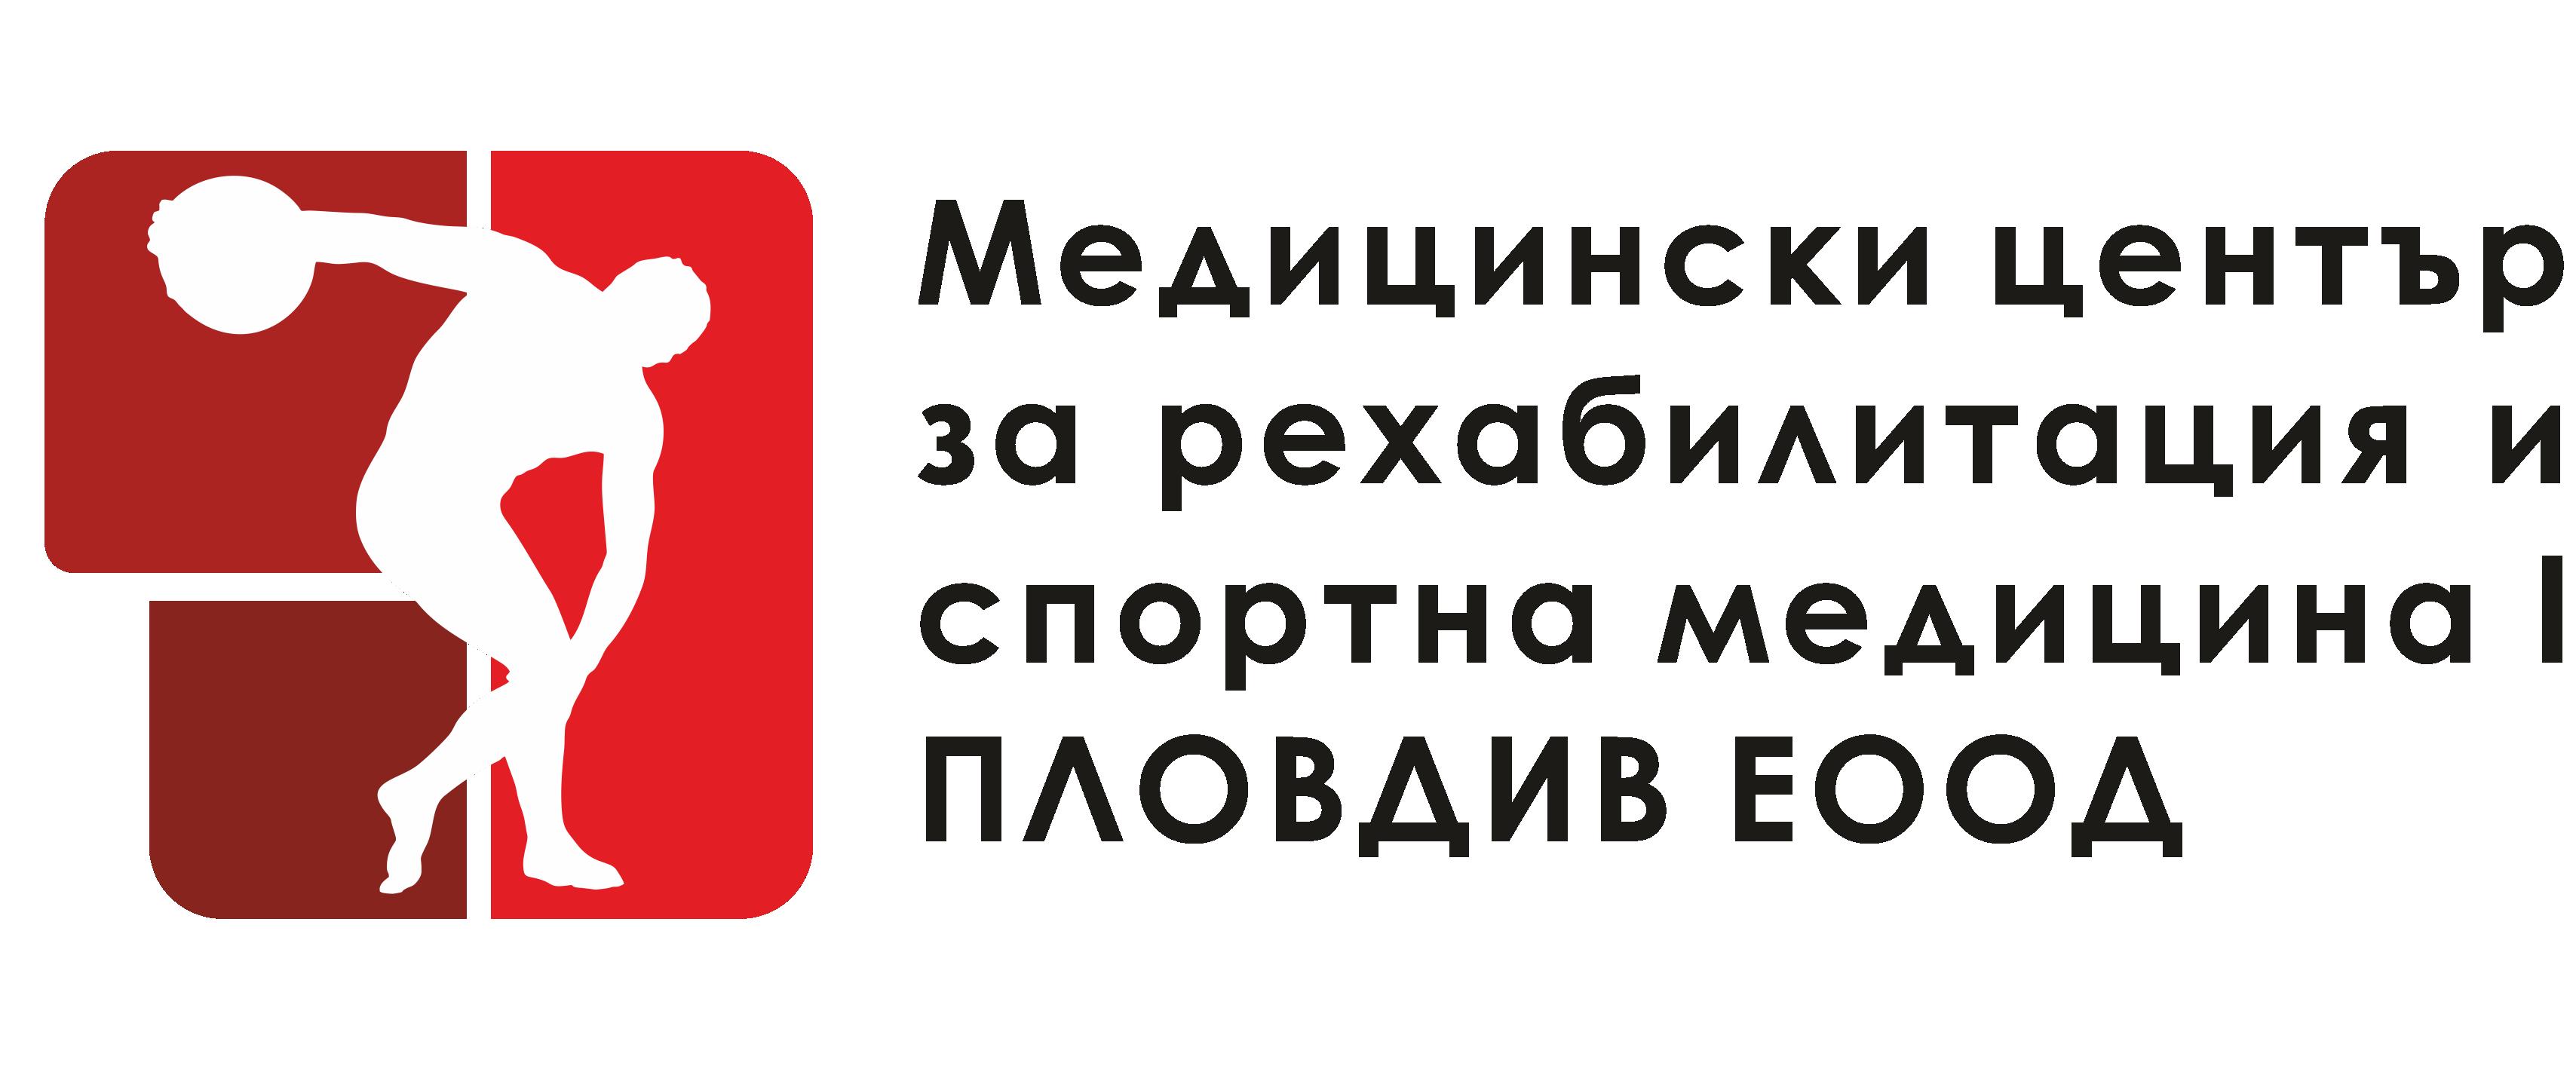 Медицински център за рехабилитация и спортна медицина I ПЛОВДИВ